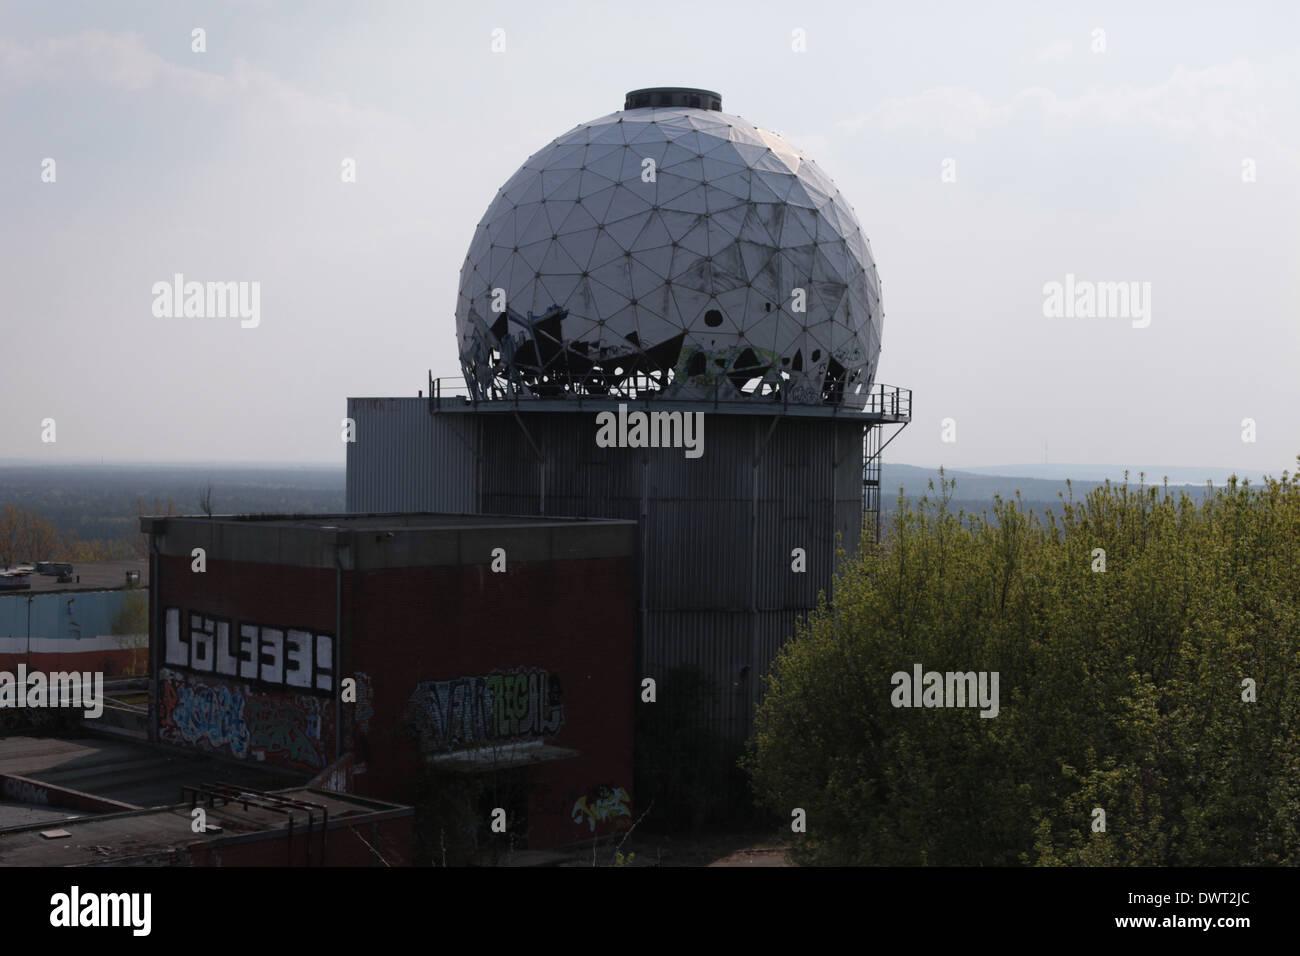 Le radôme de la guerre froide NSA (National Security Agency) poste d'écoute espion au sommet de la colline, Berlin Teufelsberg Photo Stock